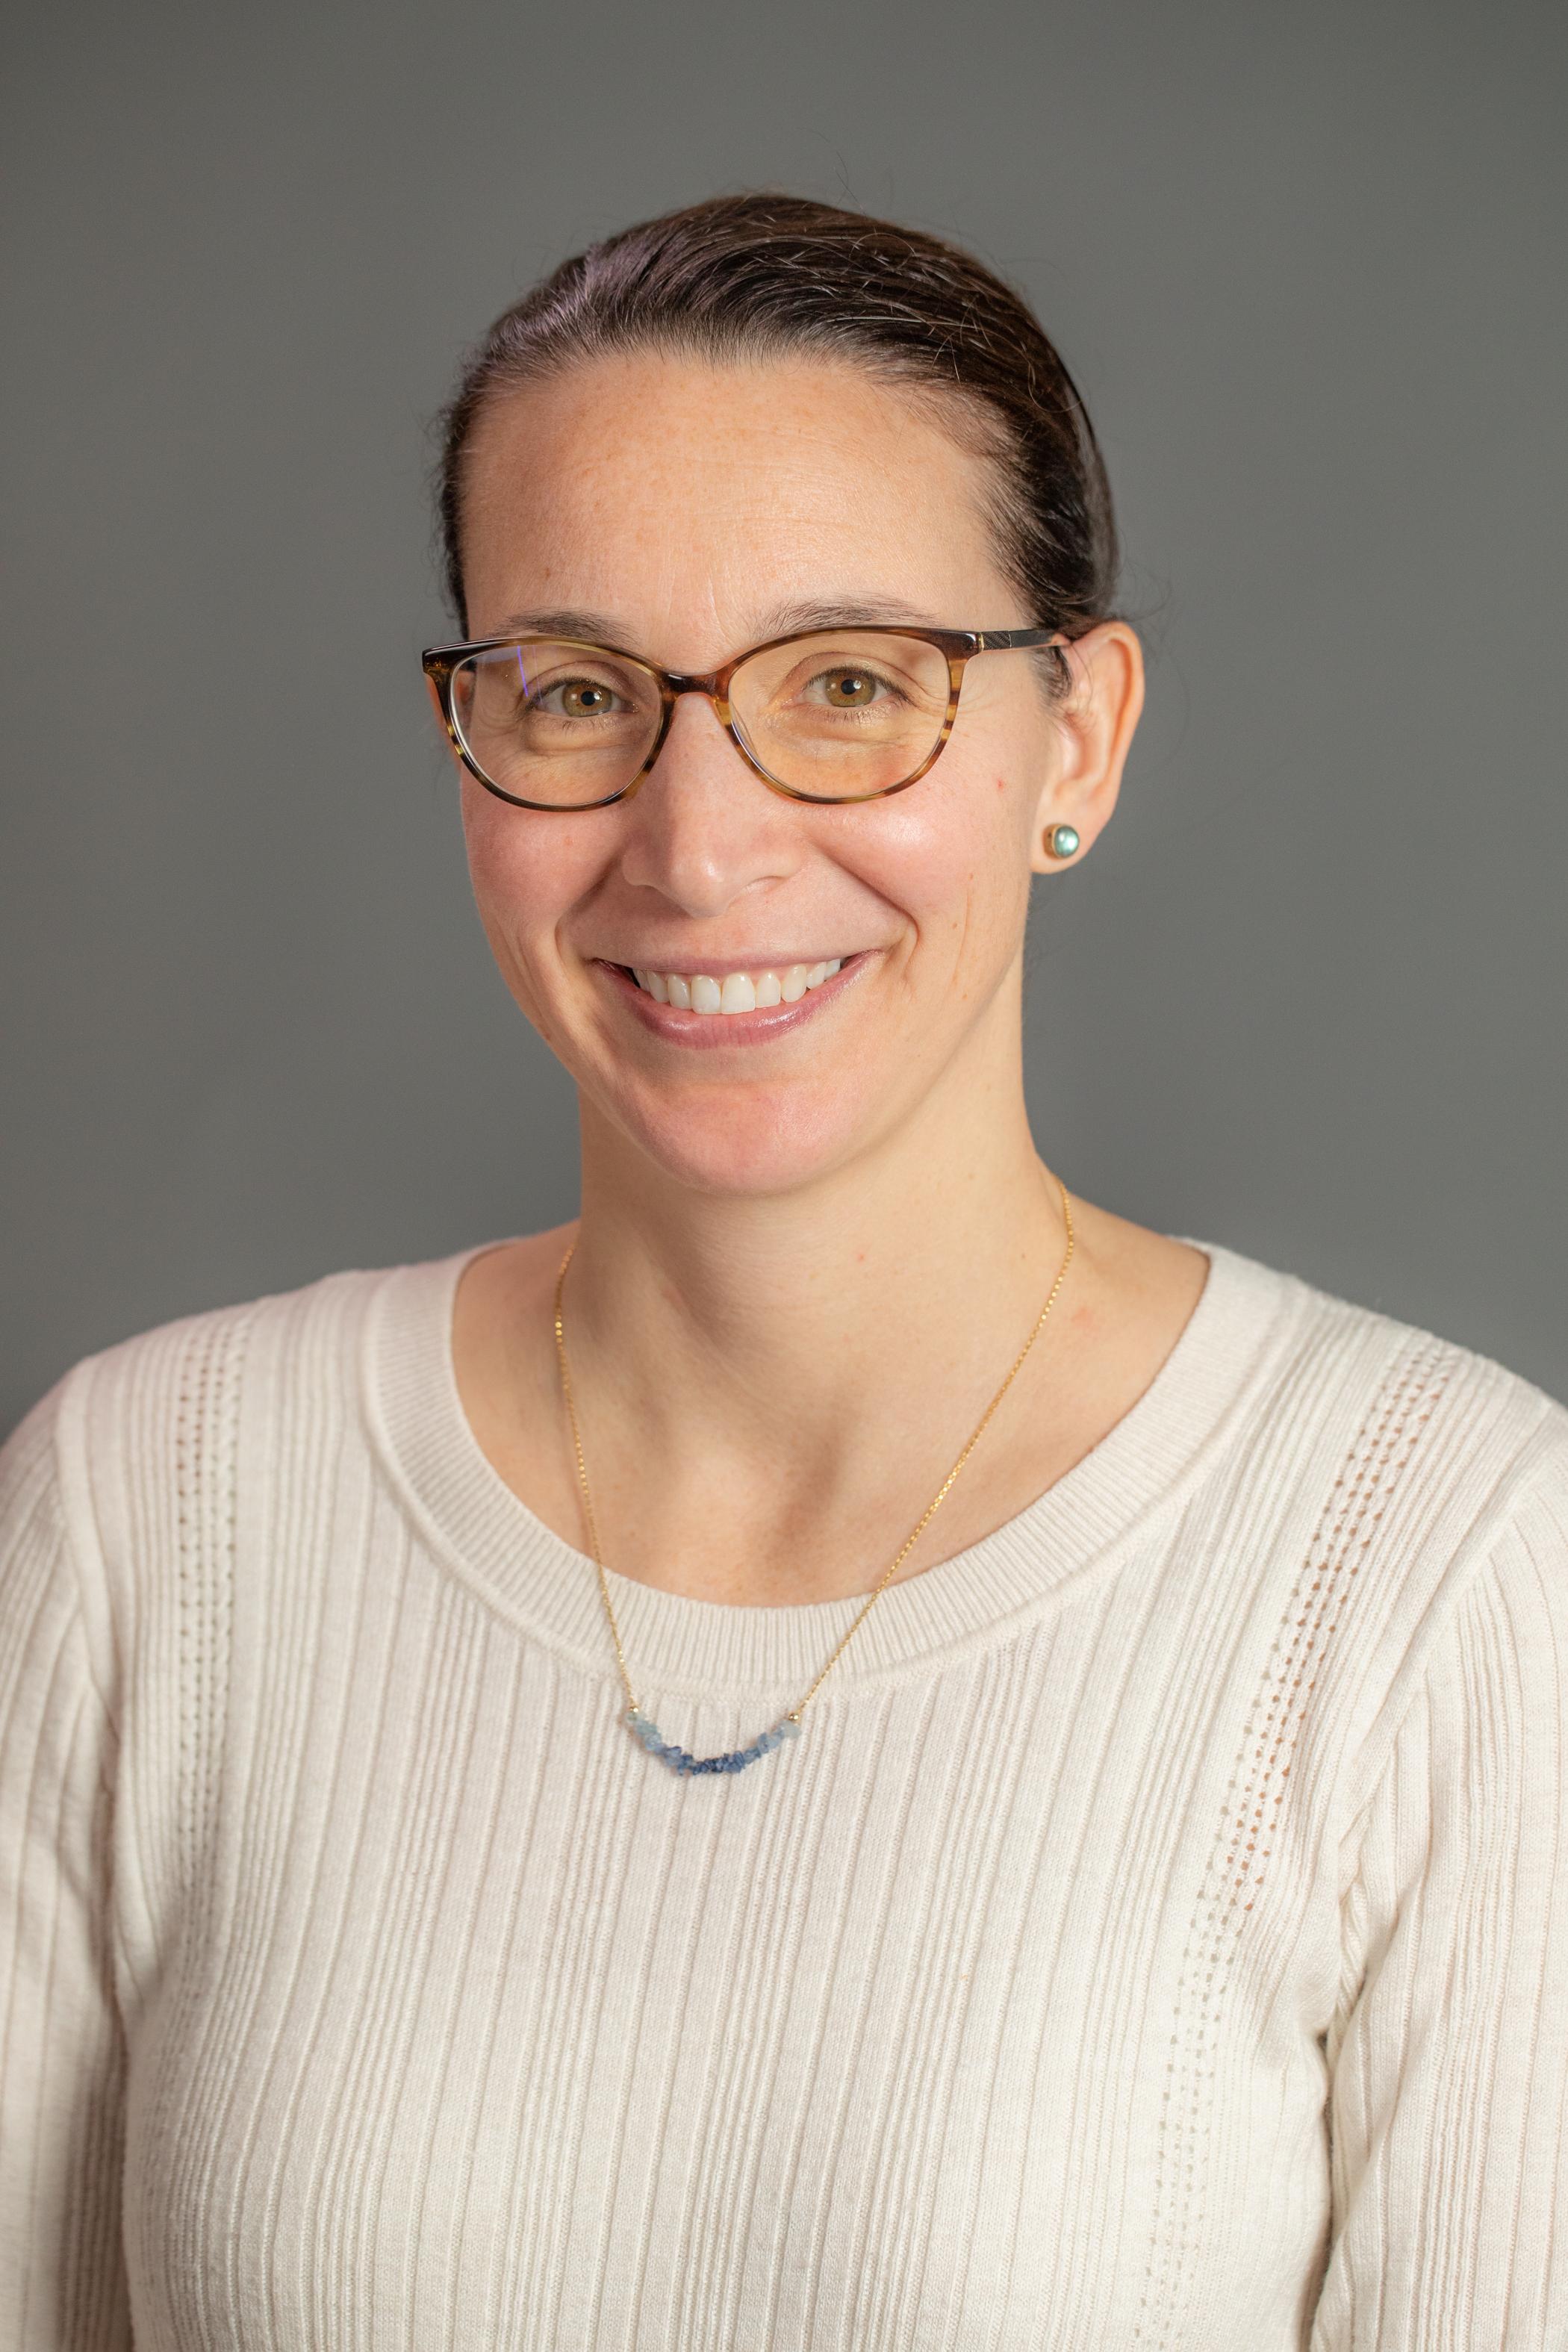 Stephanie Nardini